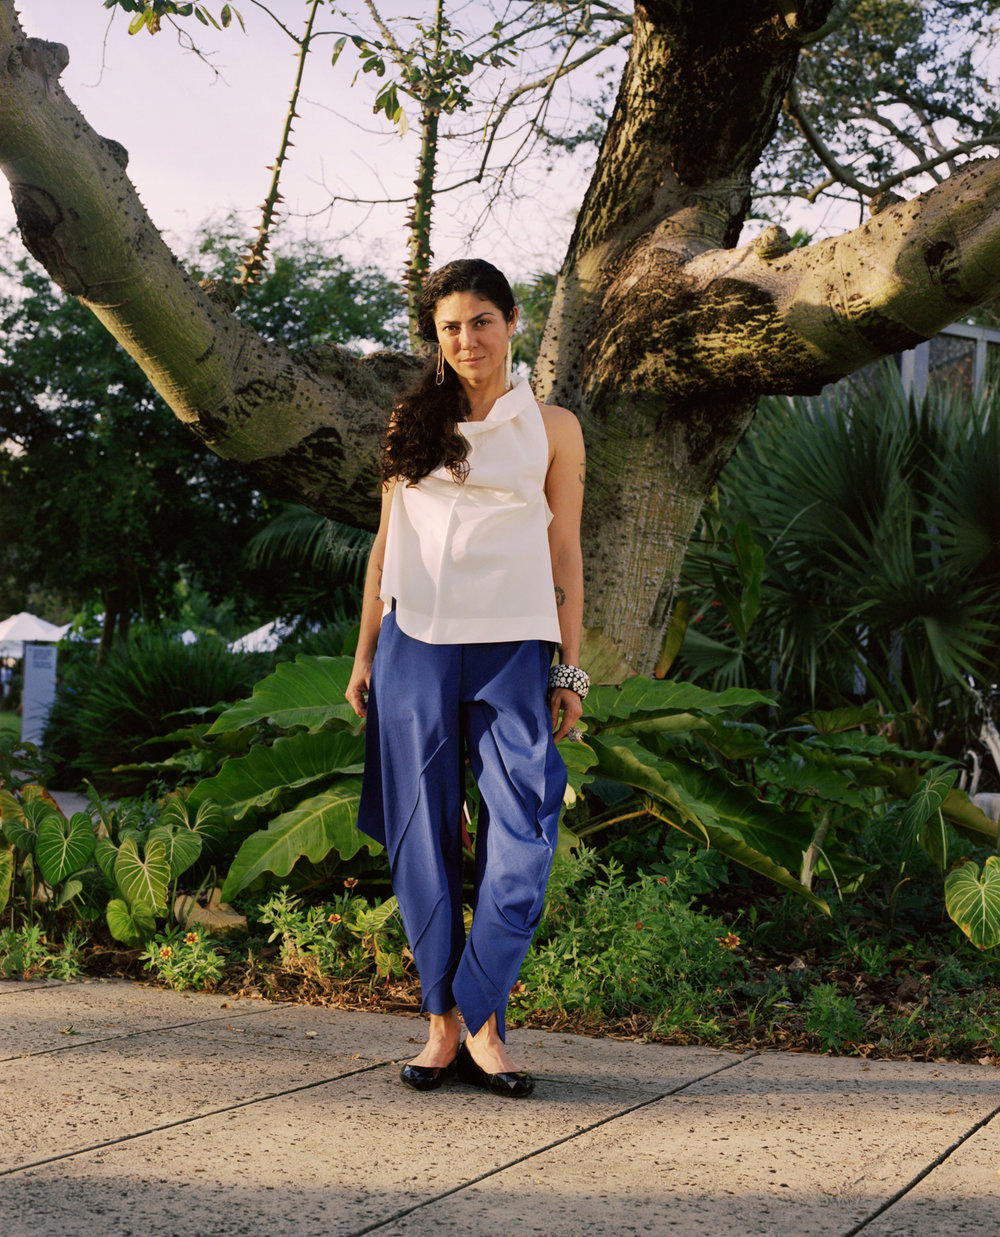 Julieta Aranda